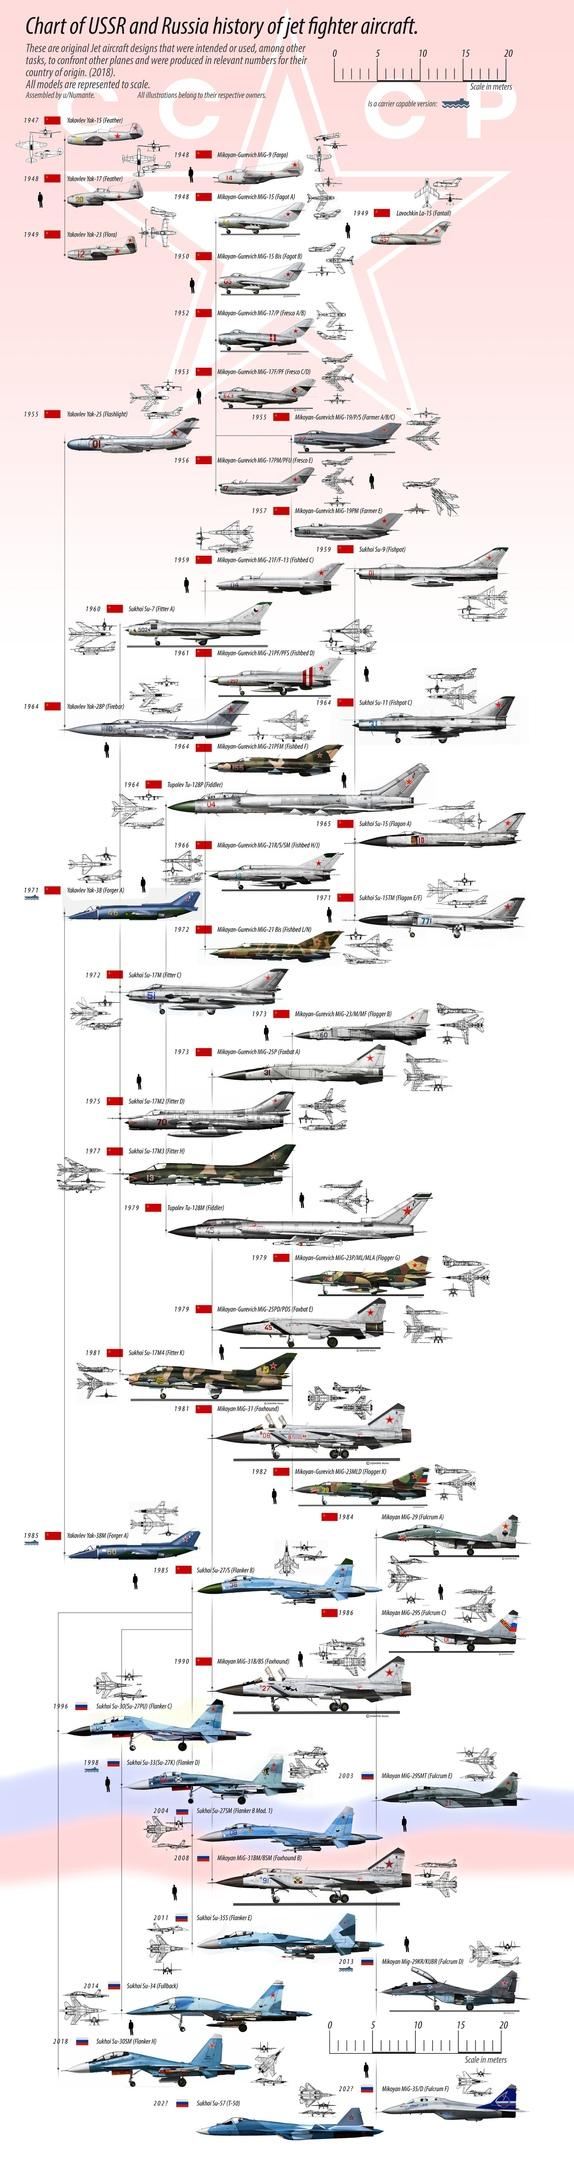 Диаграмма развития реактивных истребителей в СССР и России